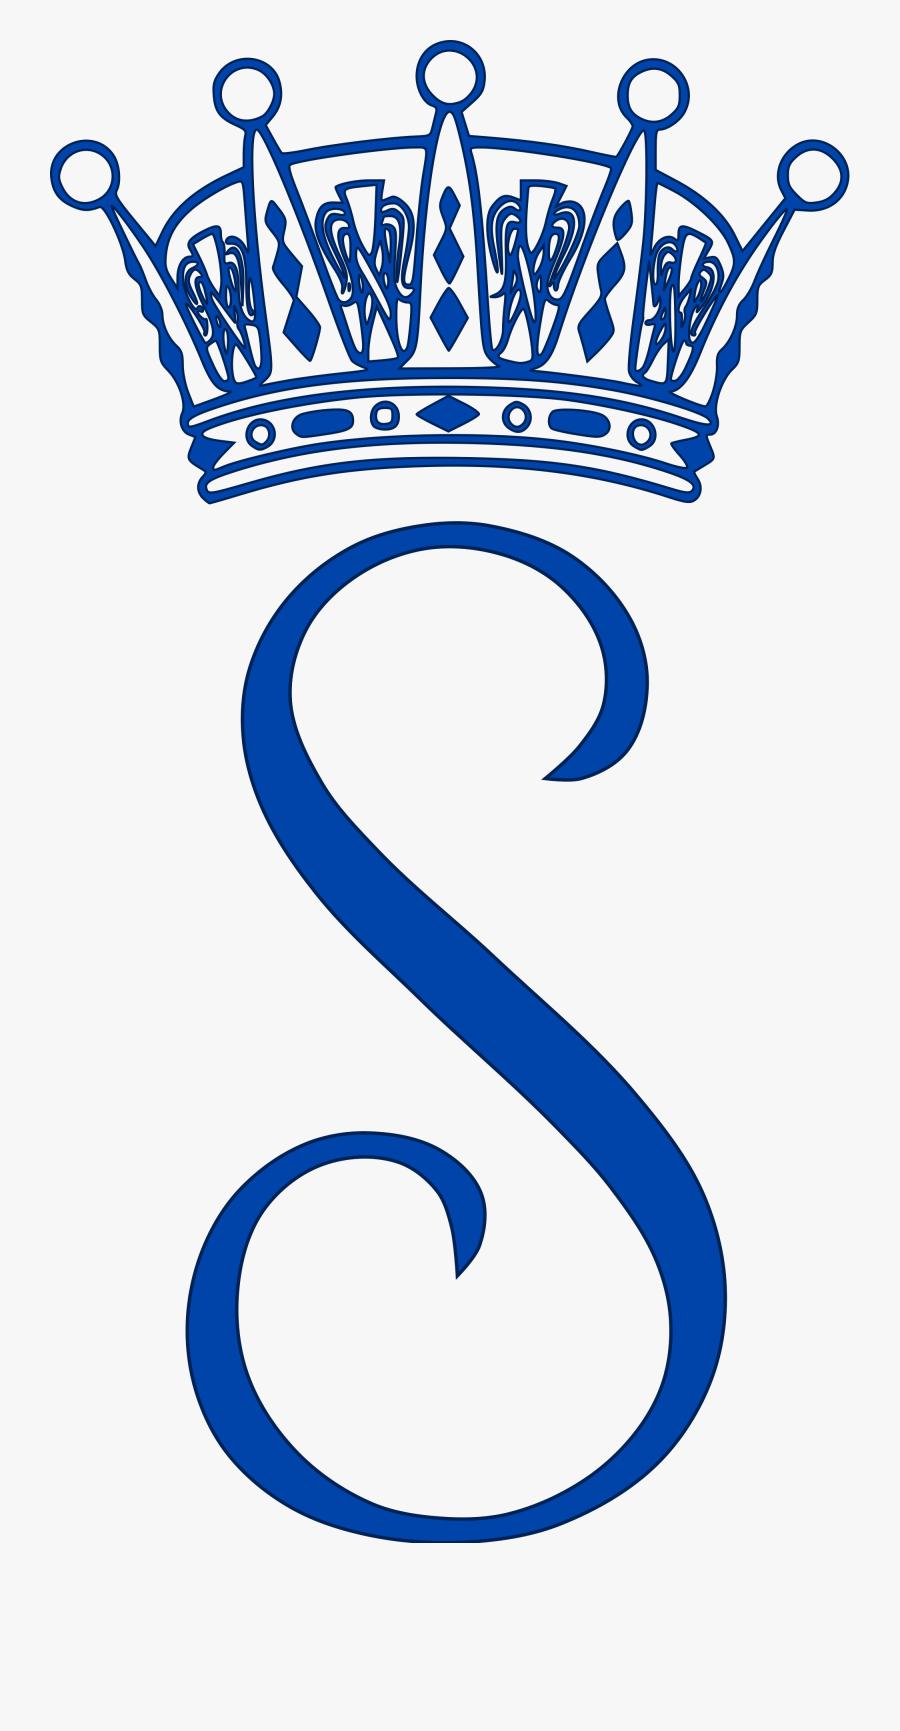 Princess Sofia Of Sweden - Royal Monogram Princess Eugenie, Transparent Clipart